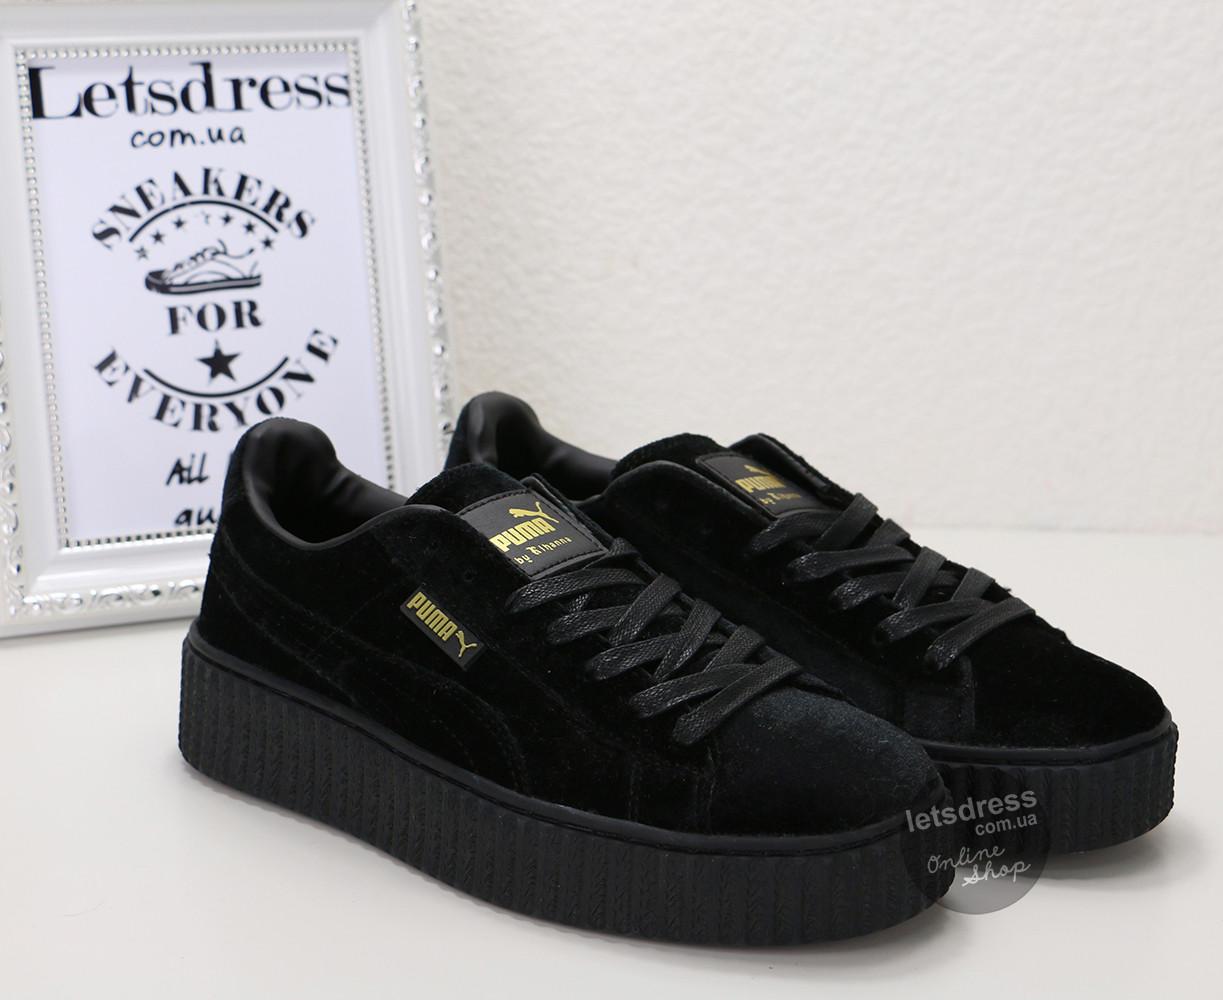 a05486c19d00 Кроссовки женские Puma Rihanna Creeper Black   Пума Риана Криперс черные -  LetsDress-Shop в